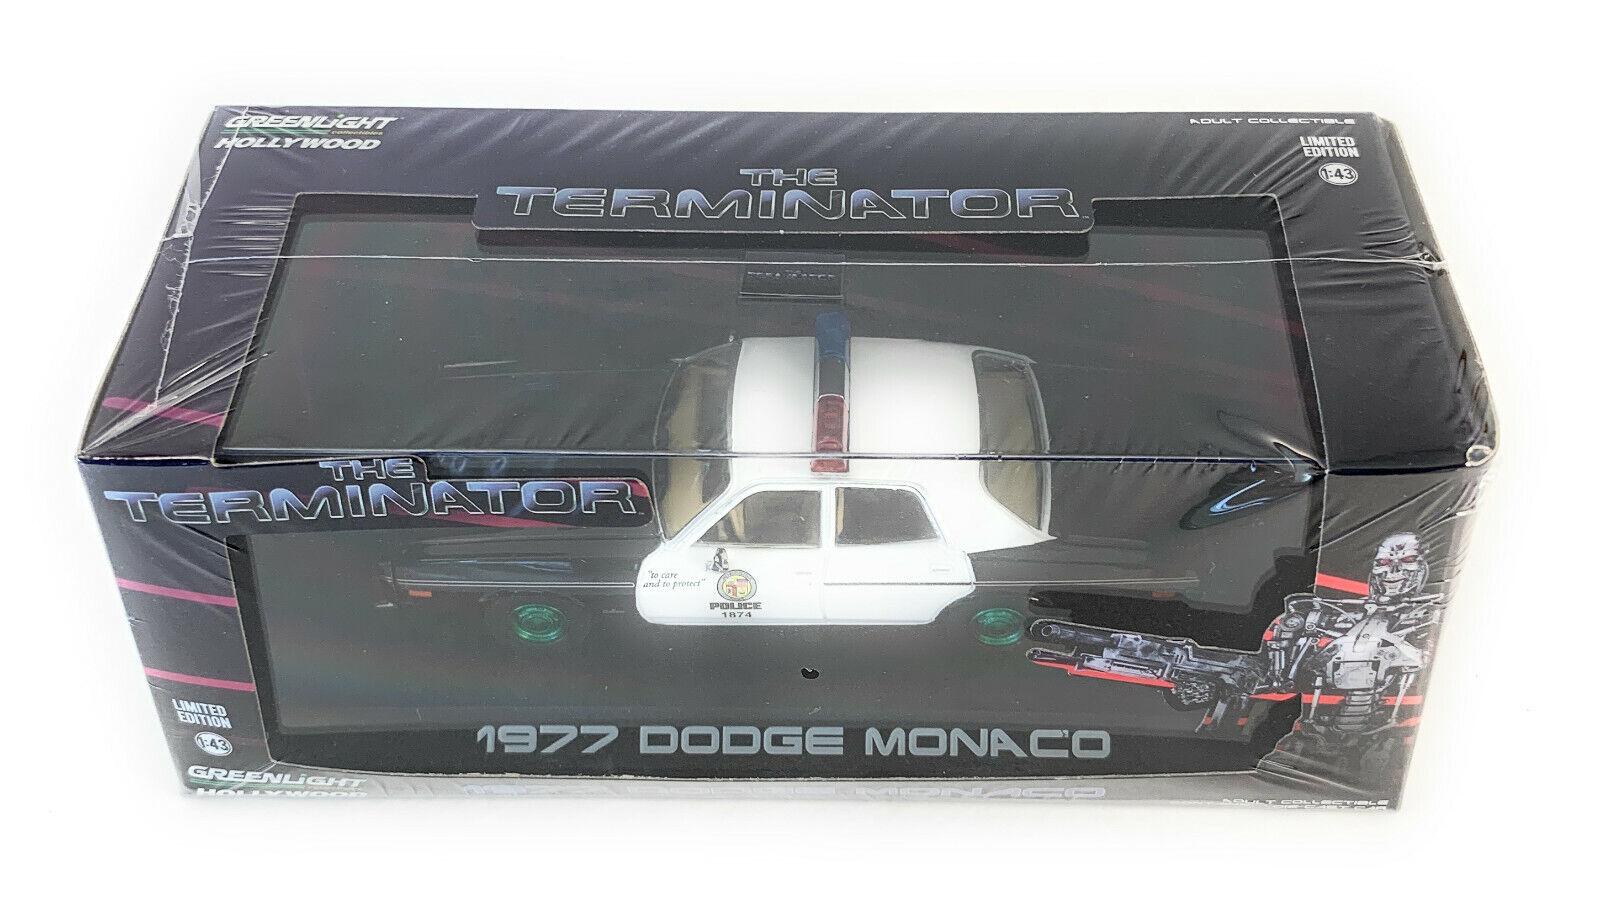 sorteos de estadio verdelight 1 1 1 43 1977 Dodge Monaco policía Metropolitana Terminator Chase 86534  bajo precio